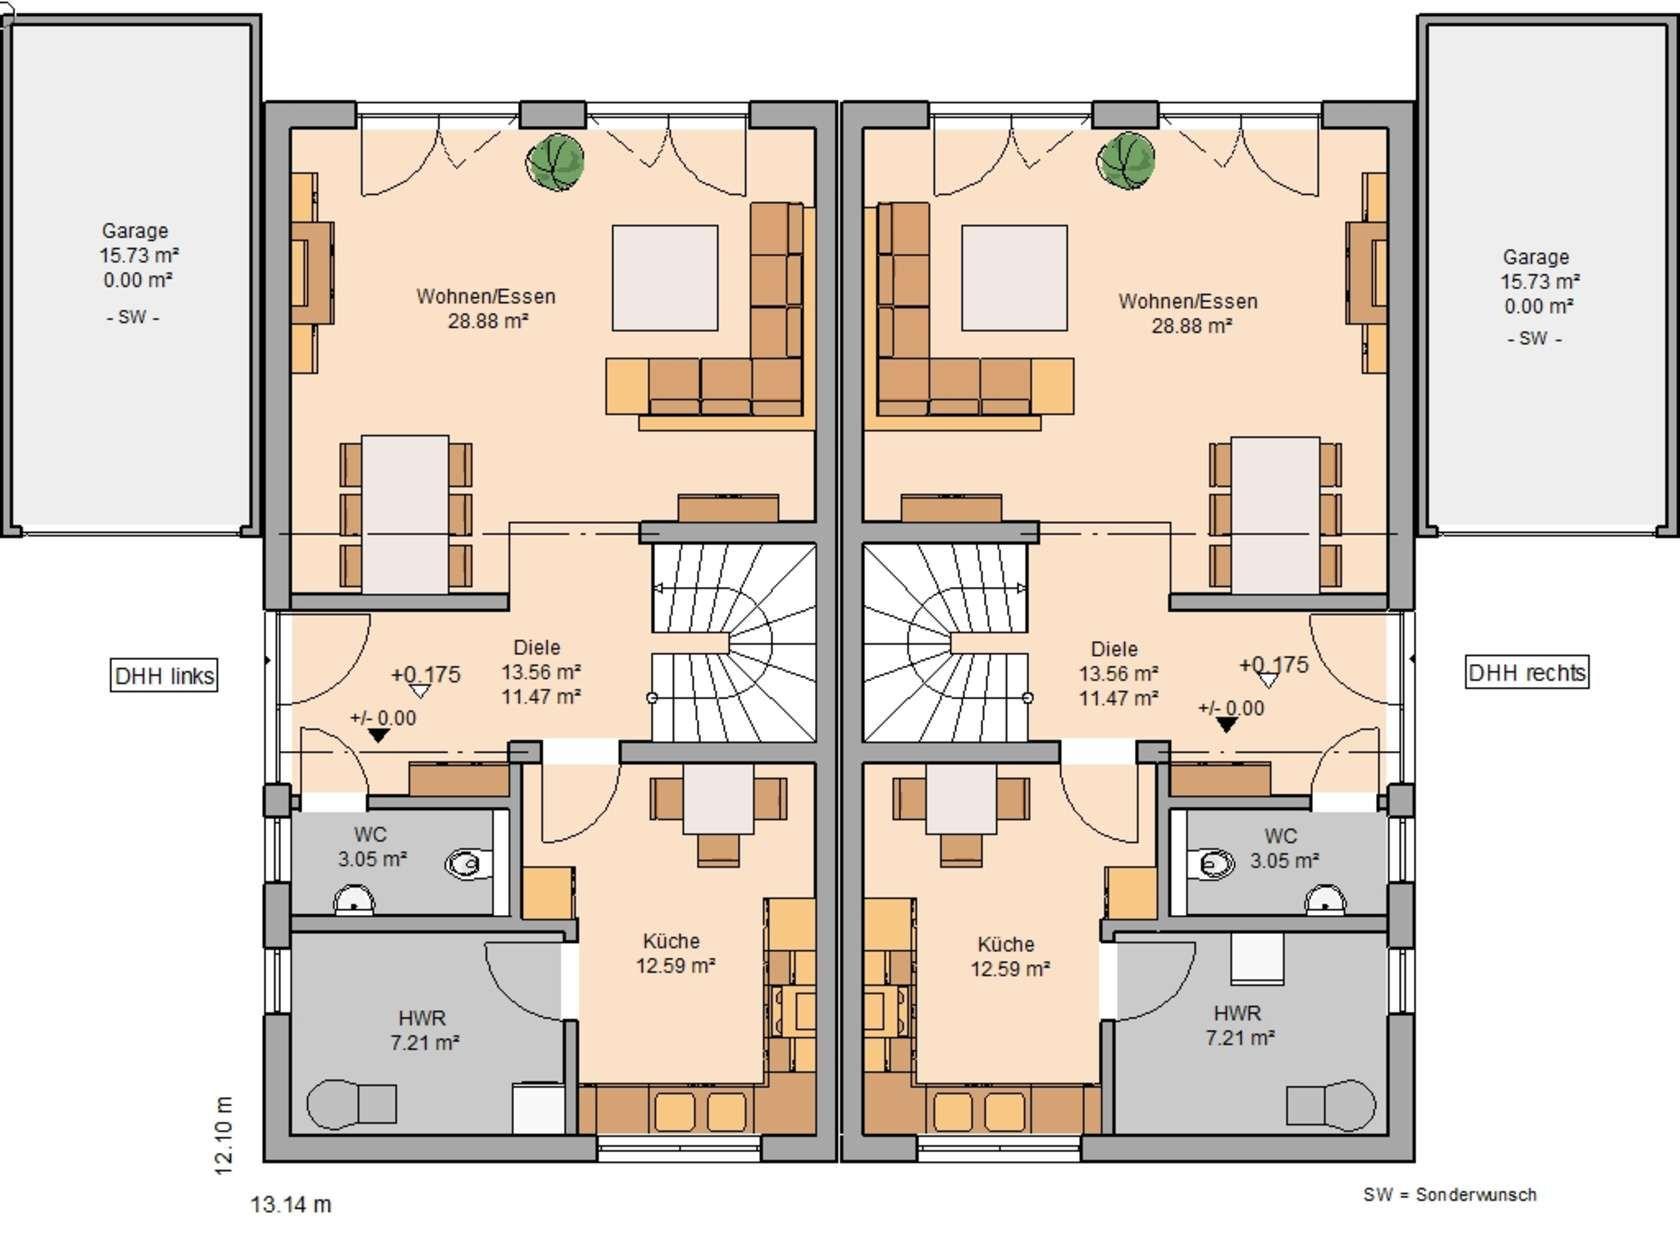 Kern haus doppelhaus view grundriss erdgeschoss house for Architektenhaus grundriss